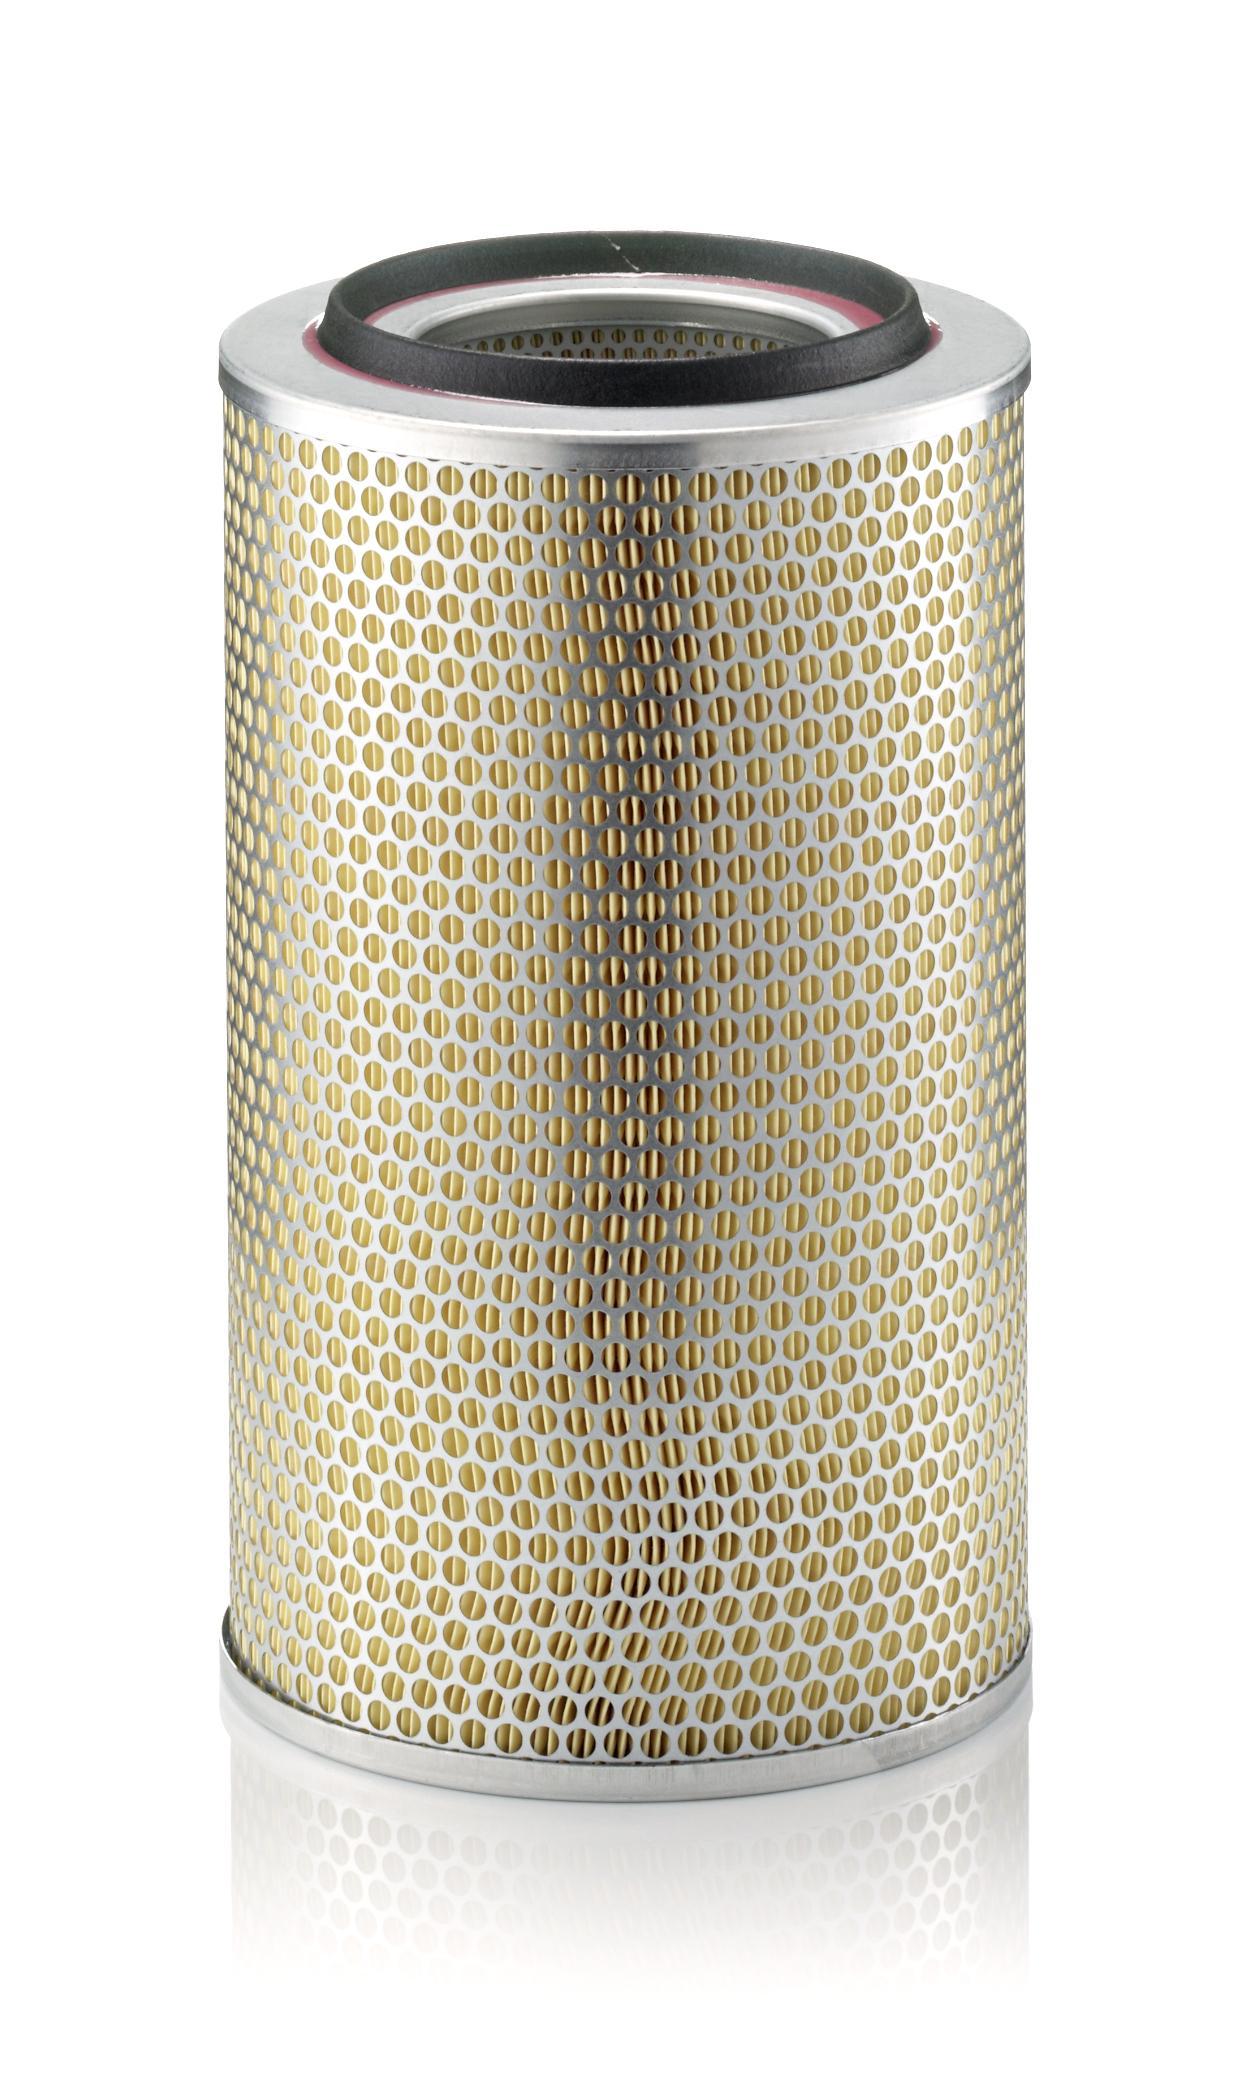 Luftfilter C 23 440/3 Niedrige Preise - Jetzt kaufen!